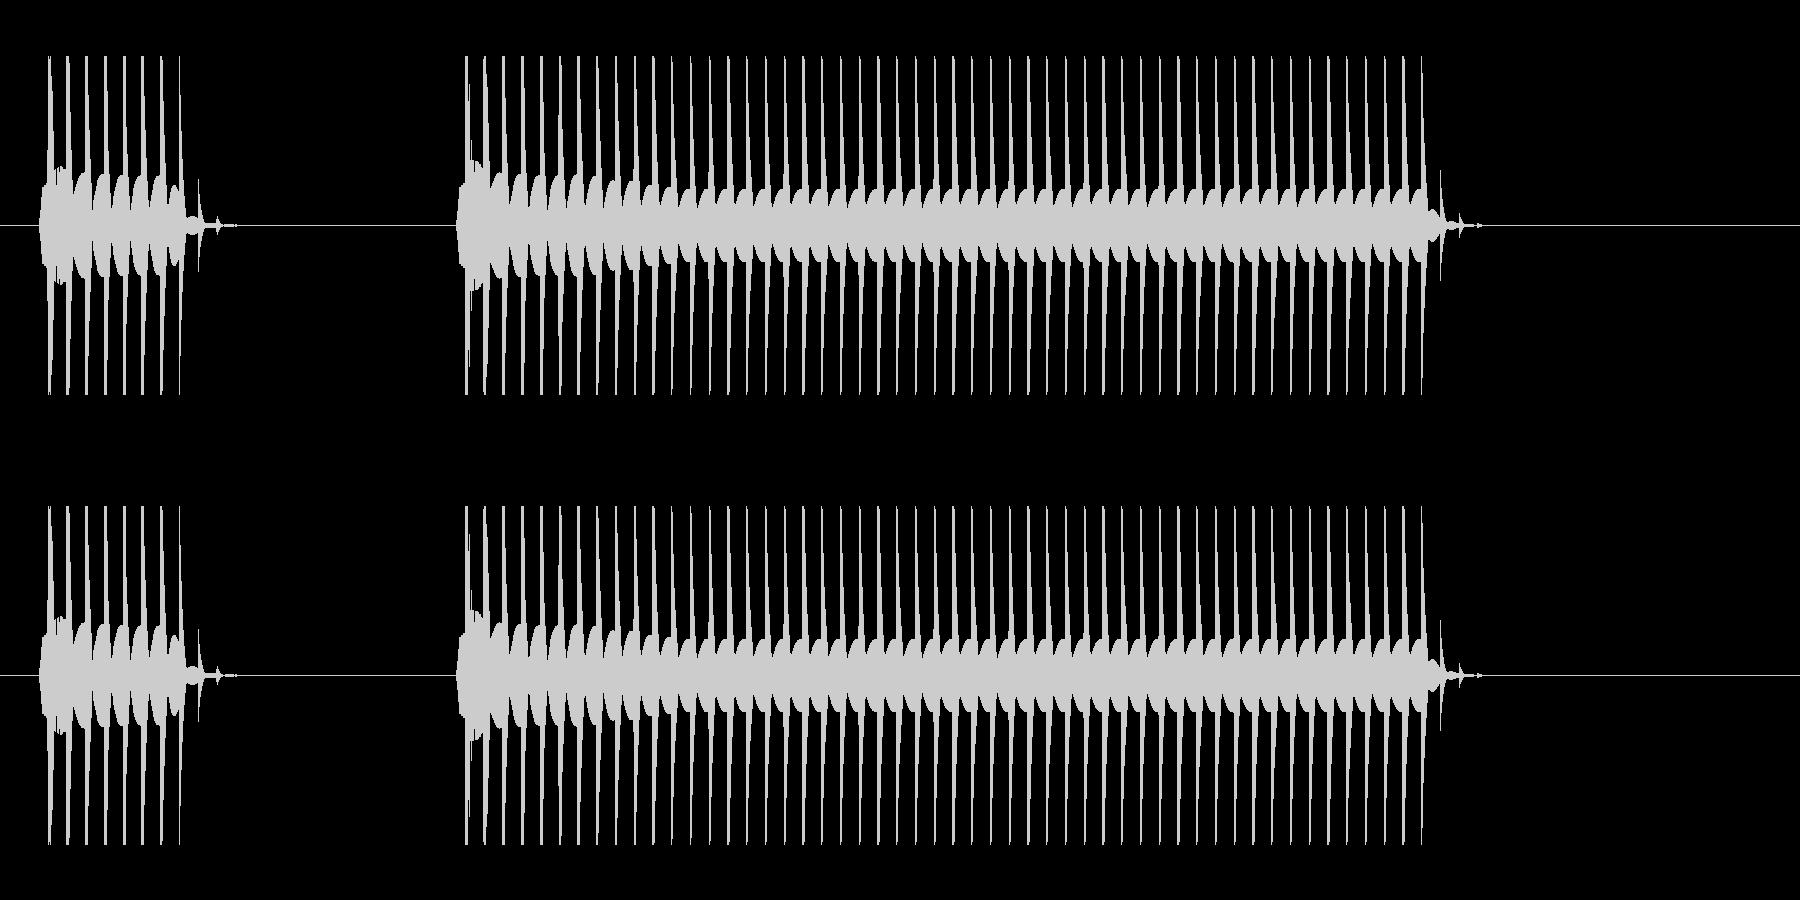 ブーブーと言うクイズ不正解音ですの未再生の波形